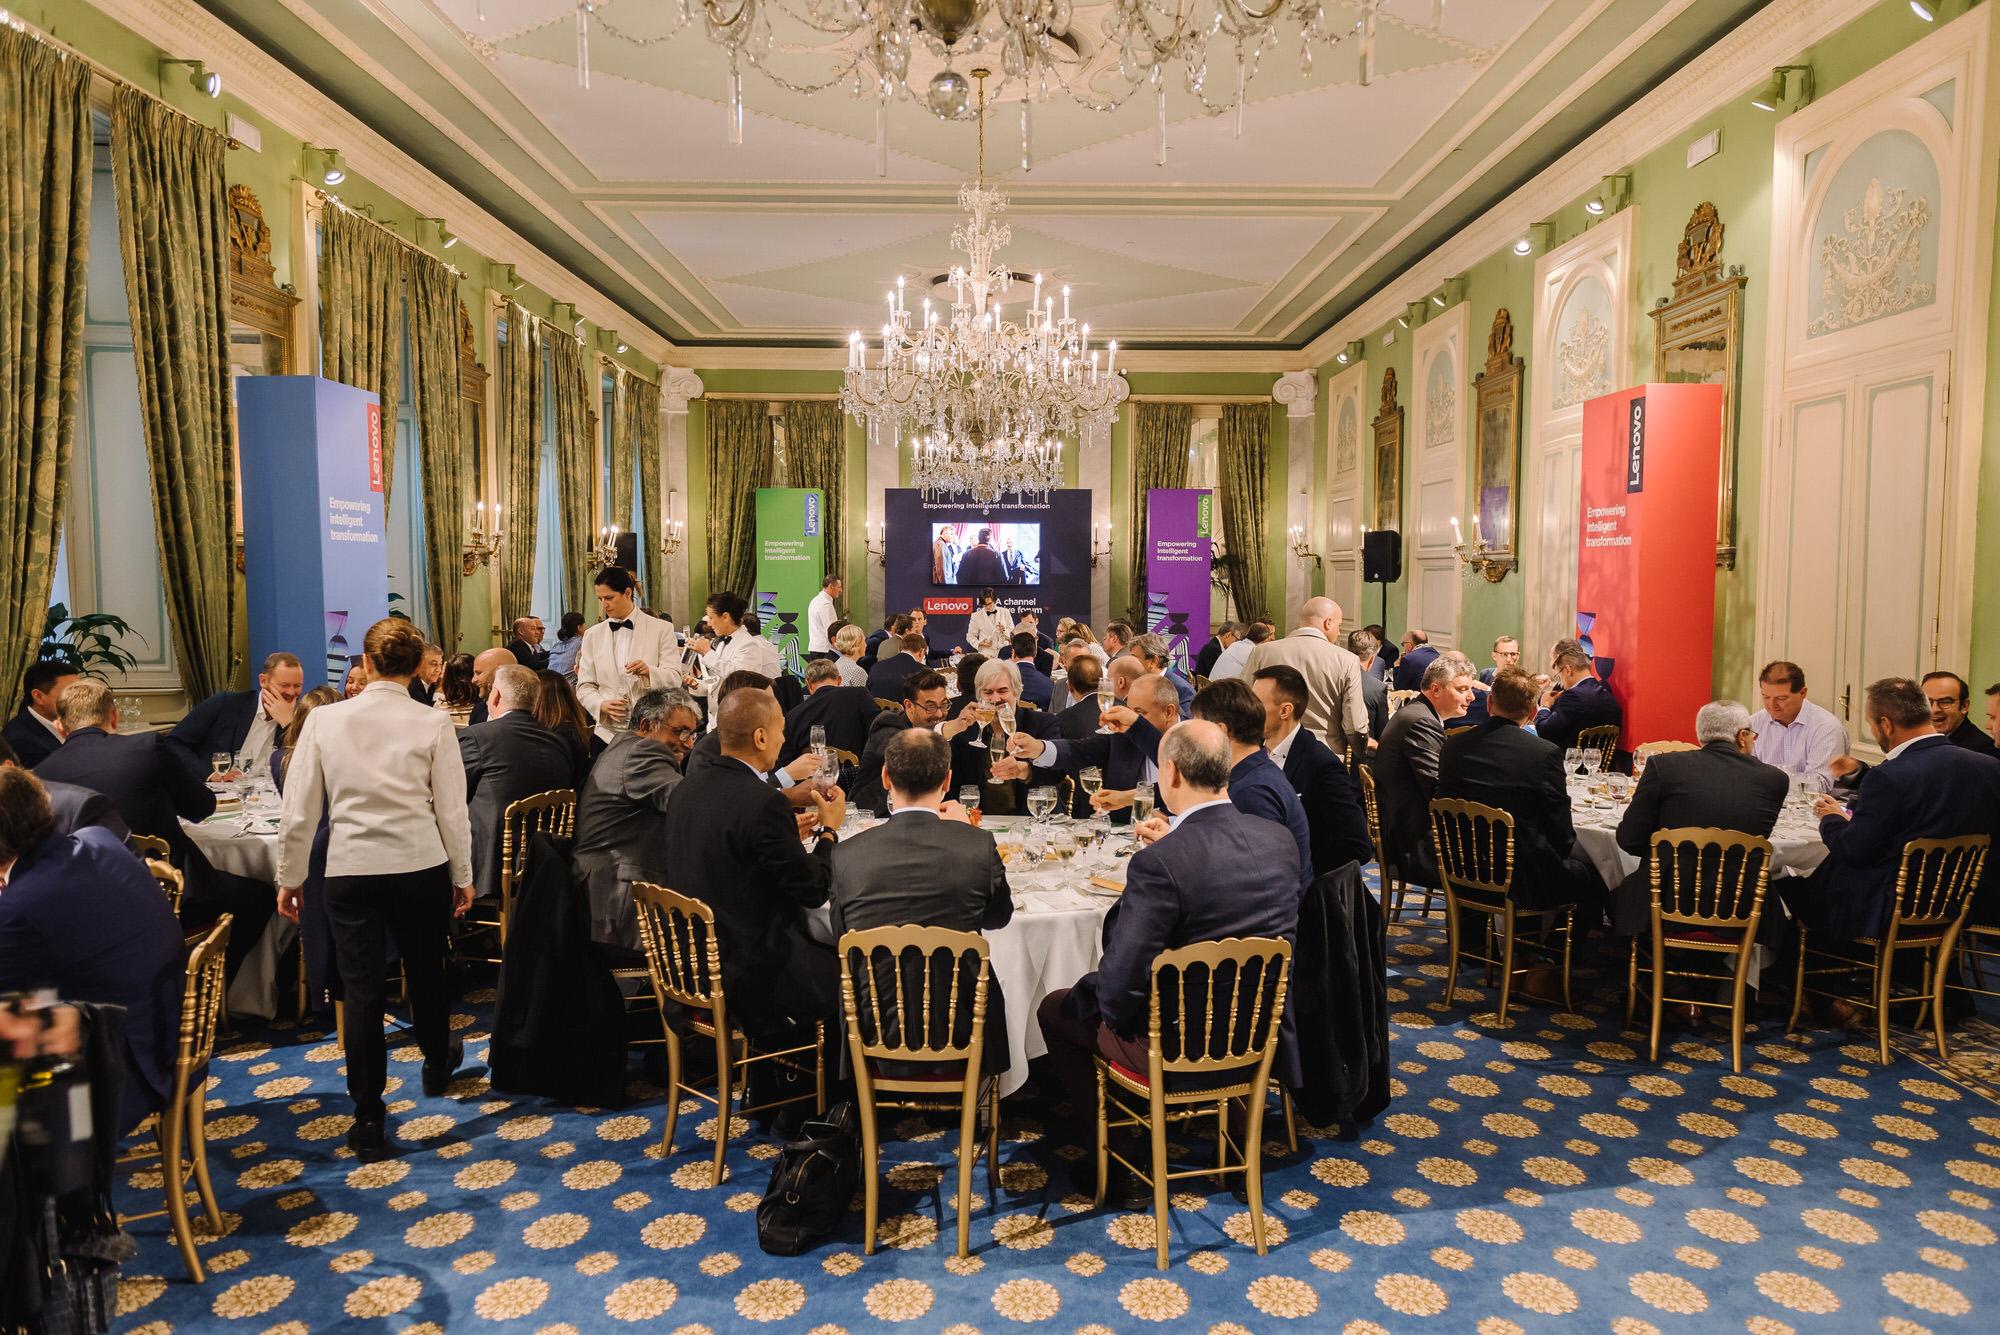 emea-channel-executive-forum-gruppo-peroni-eventi-13